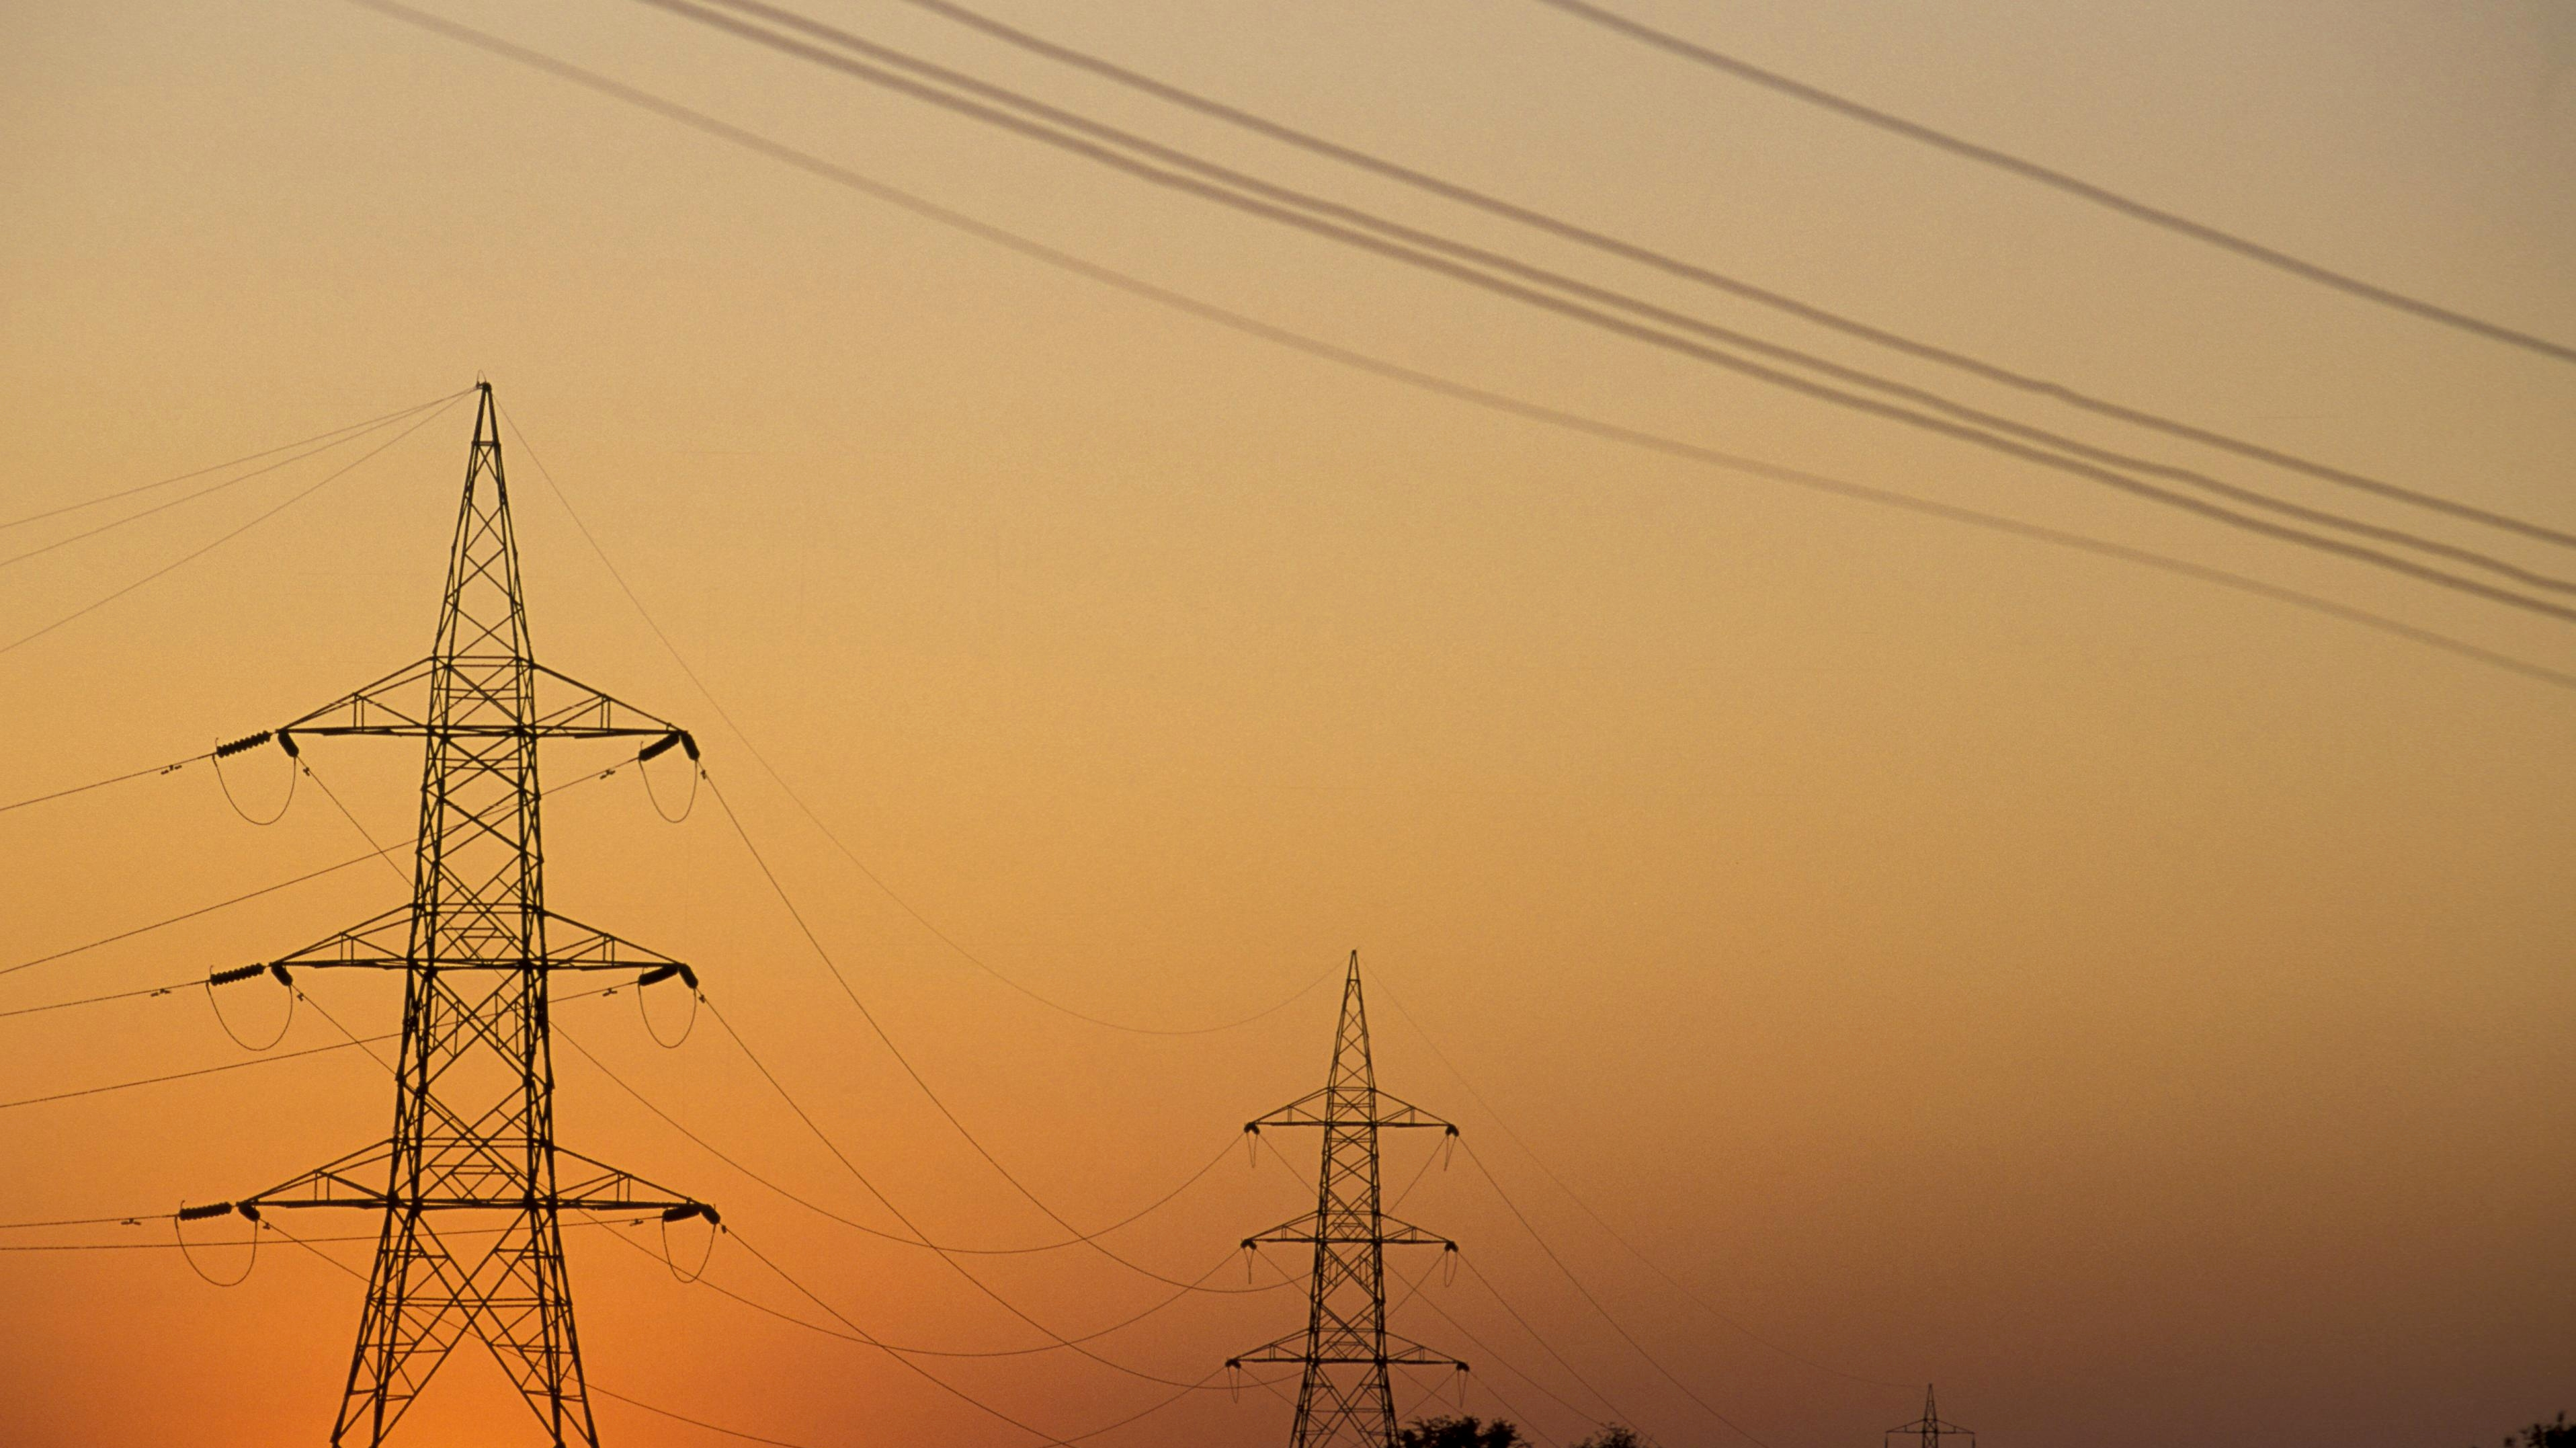 IN_power lines.jpg (3833×2154)